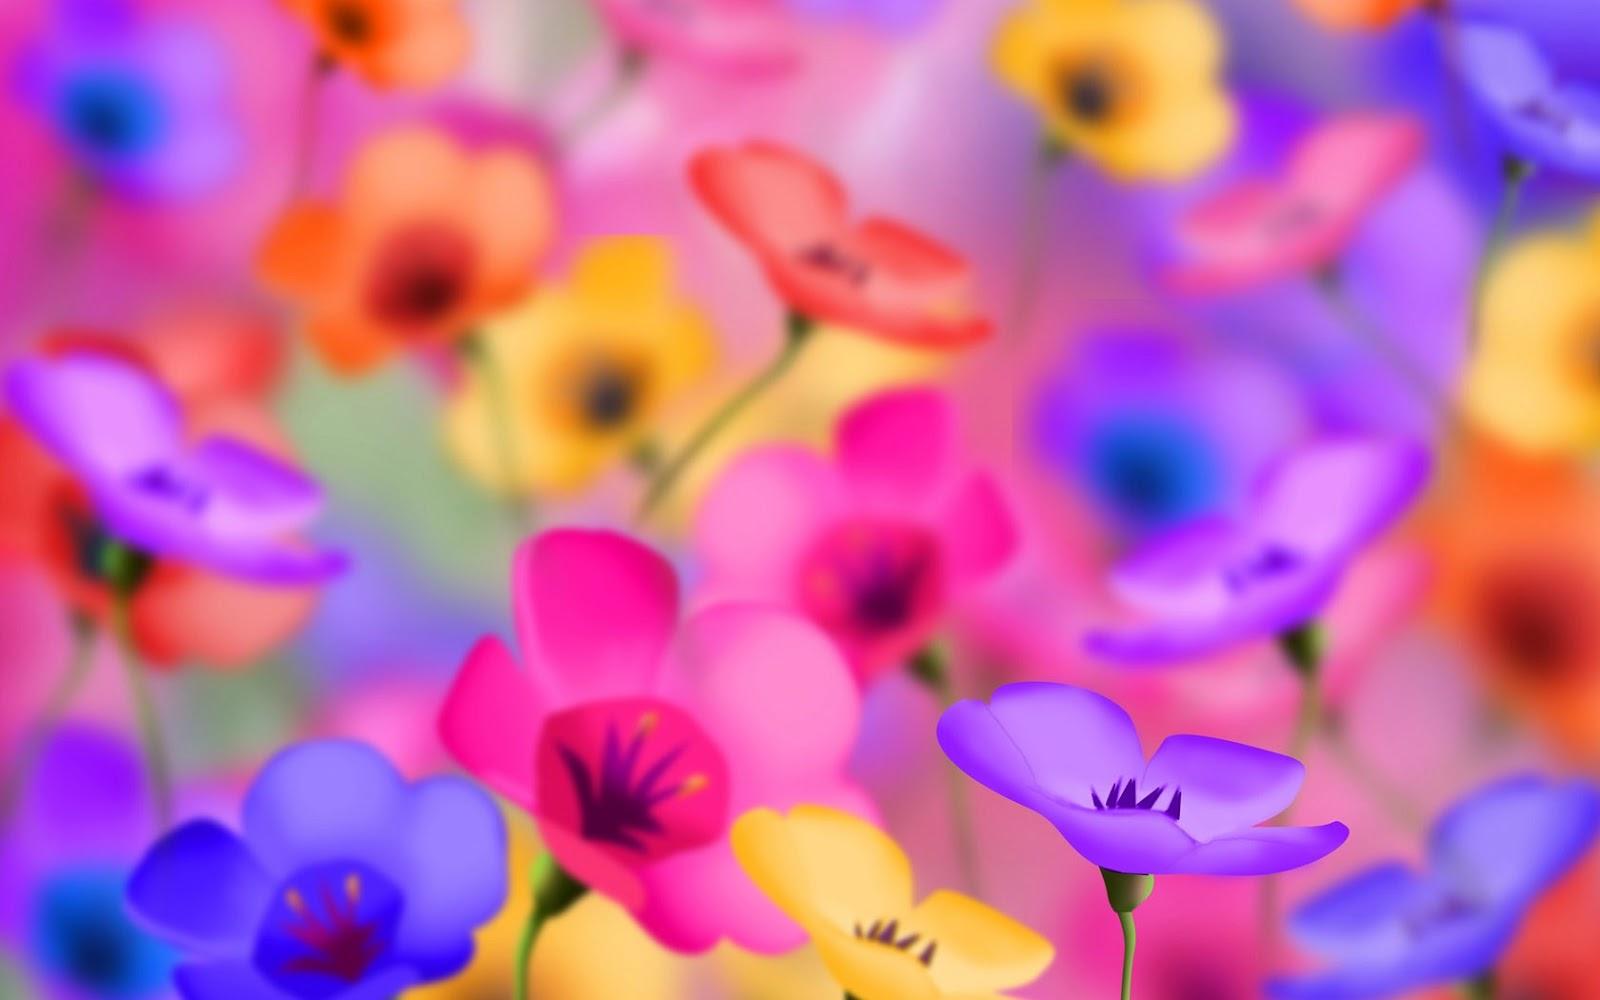 hinh-nen-dep-anh-nen-hoa-dep-Flower-wallpaper-2